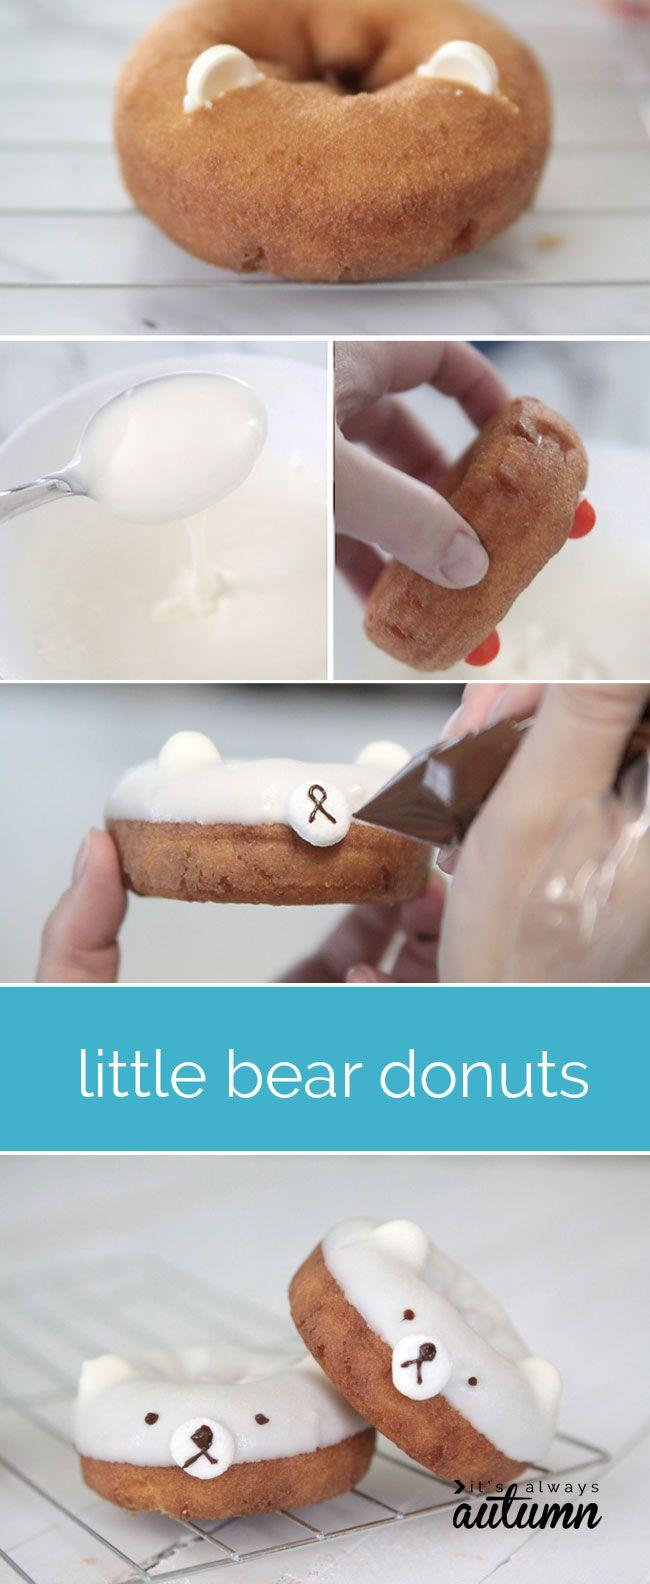 Diseño de oso polar                                                                                                                                                     Más